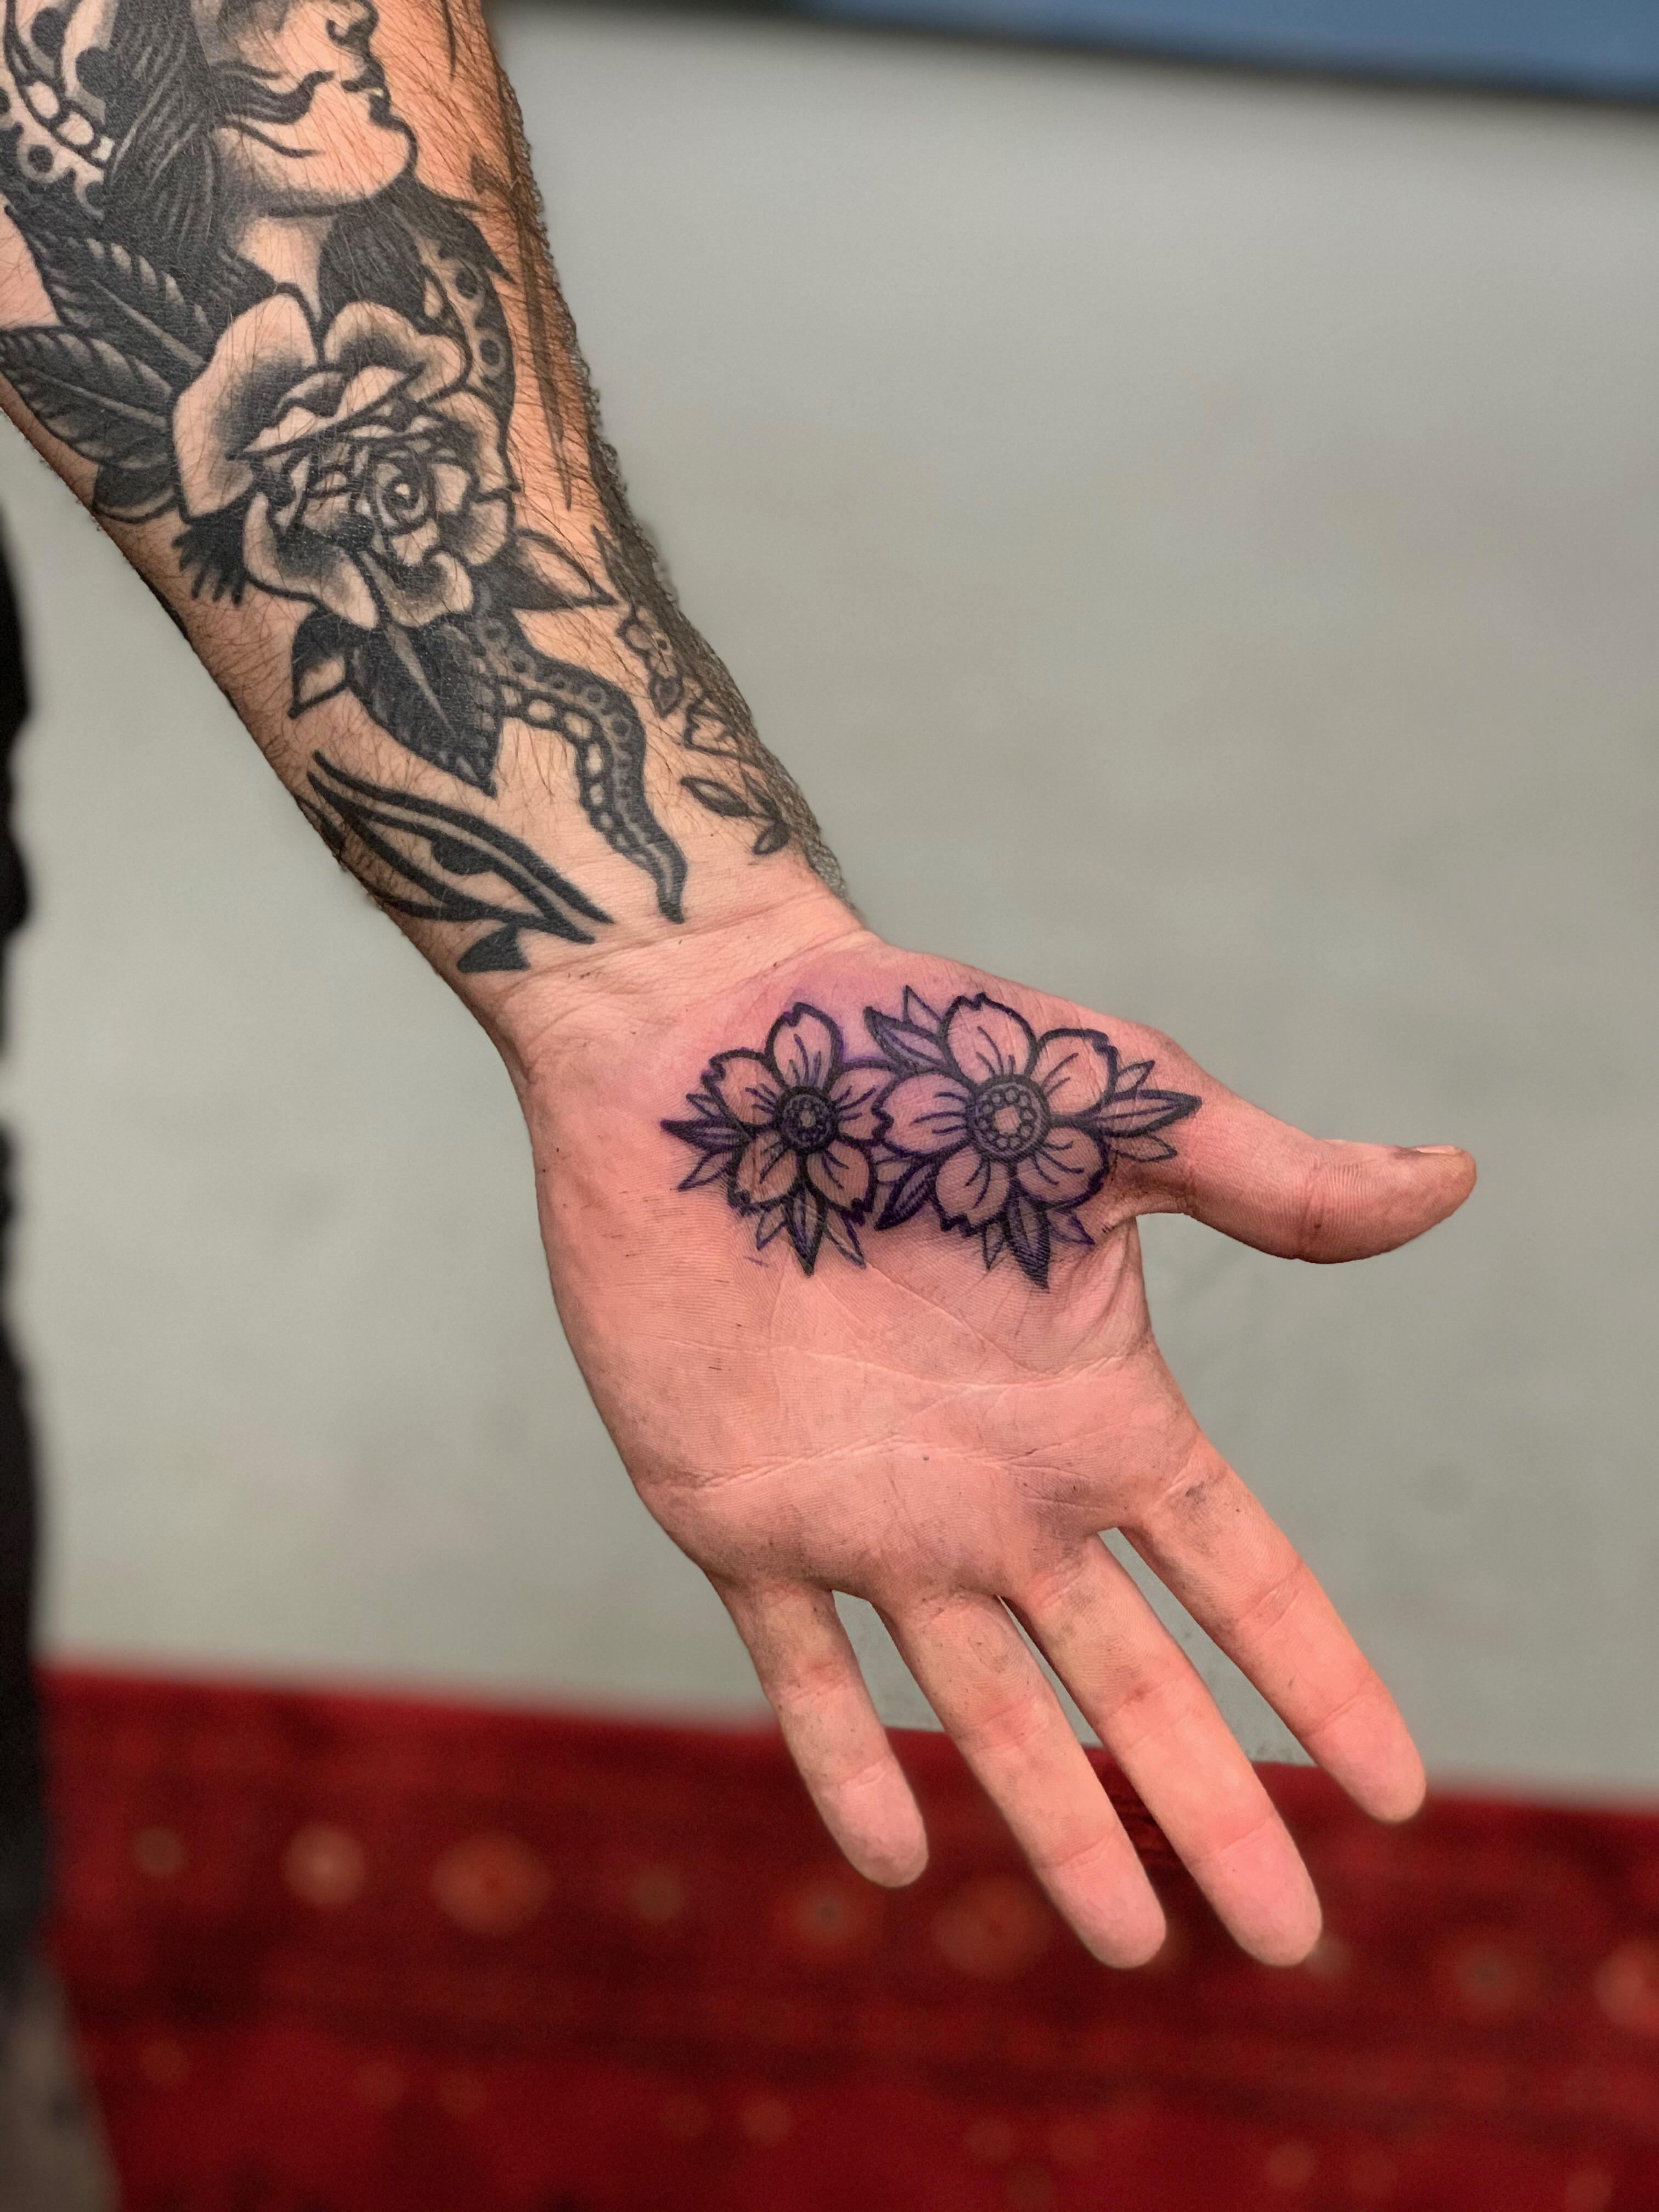 Front Wrist Tattoos : front, wrist, tattoos, Piece, Emily, Milja, Front, Street, Tattoo, Bank,, Tattoos